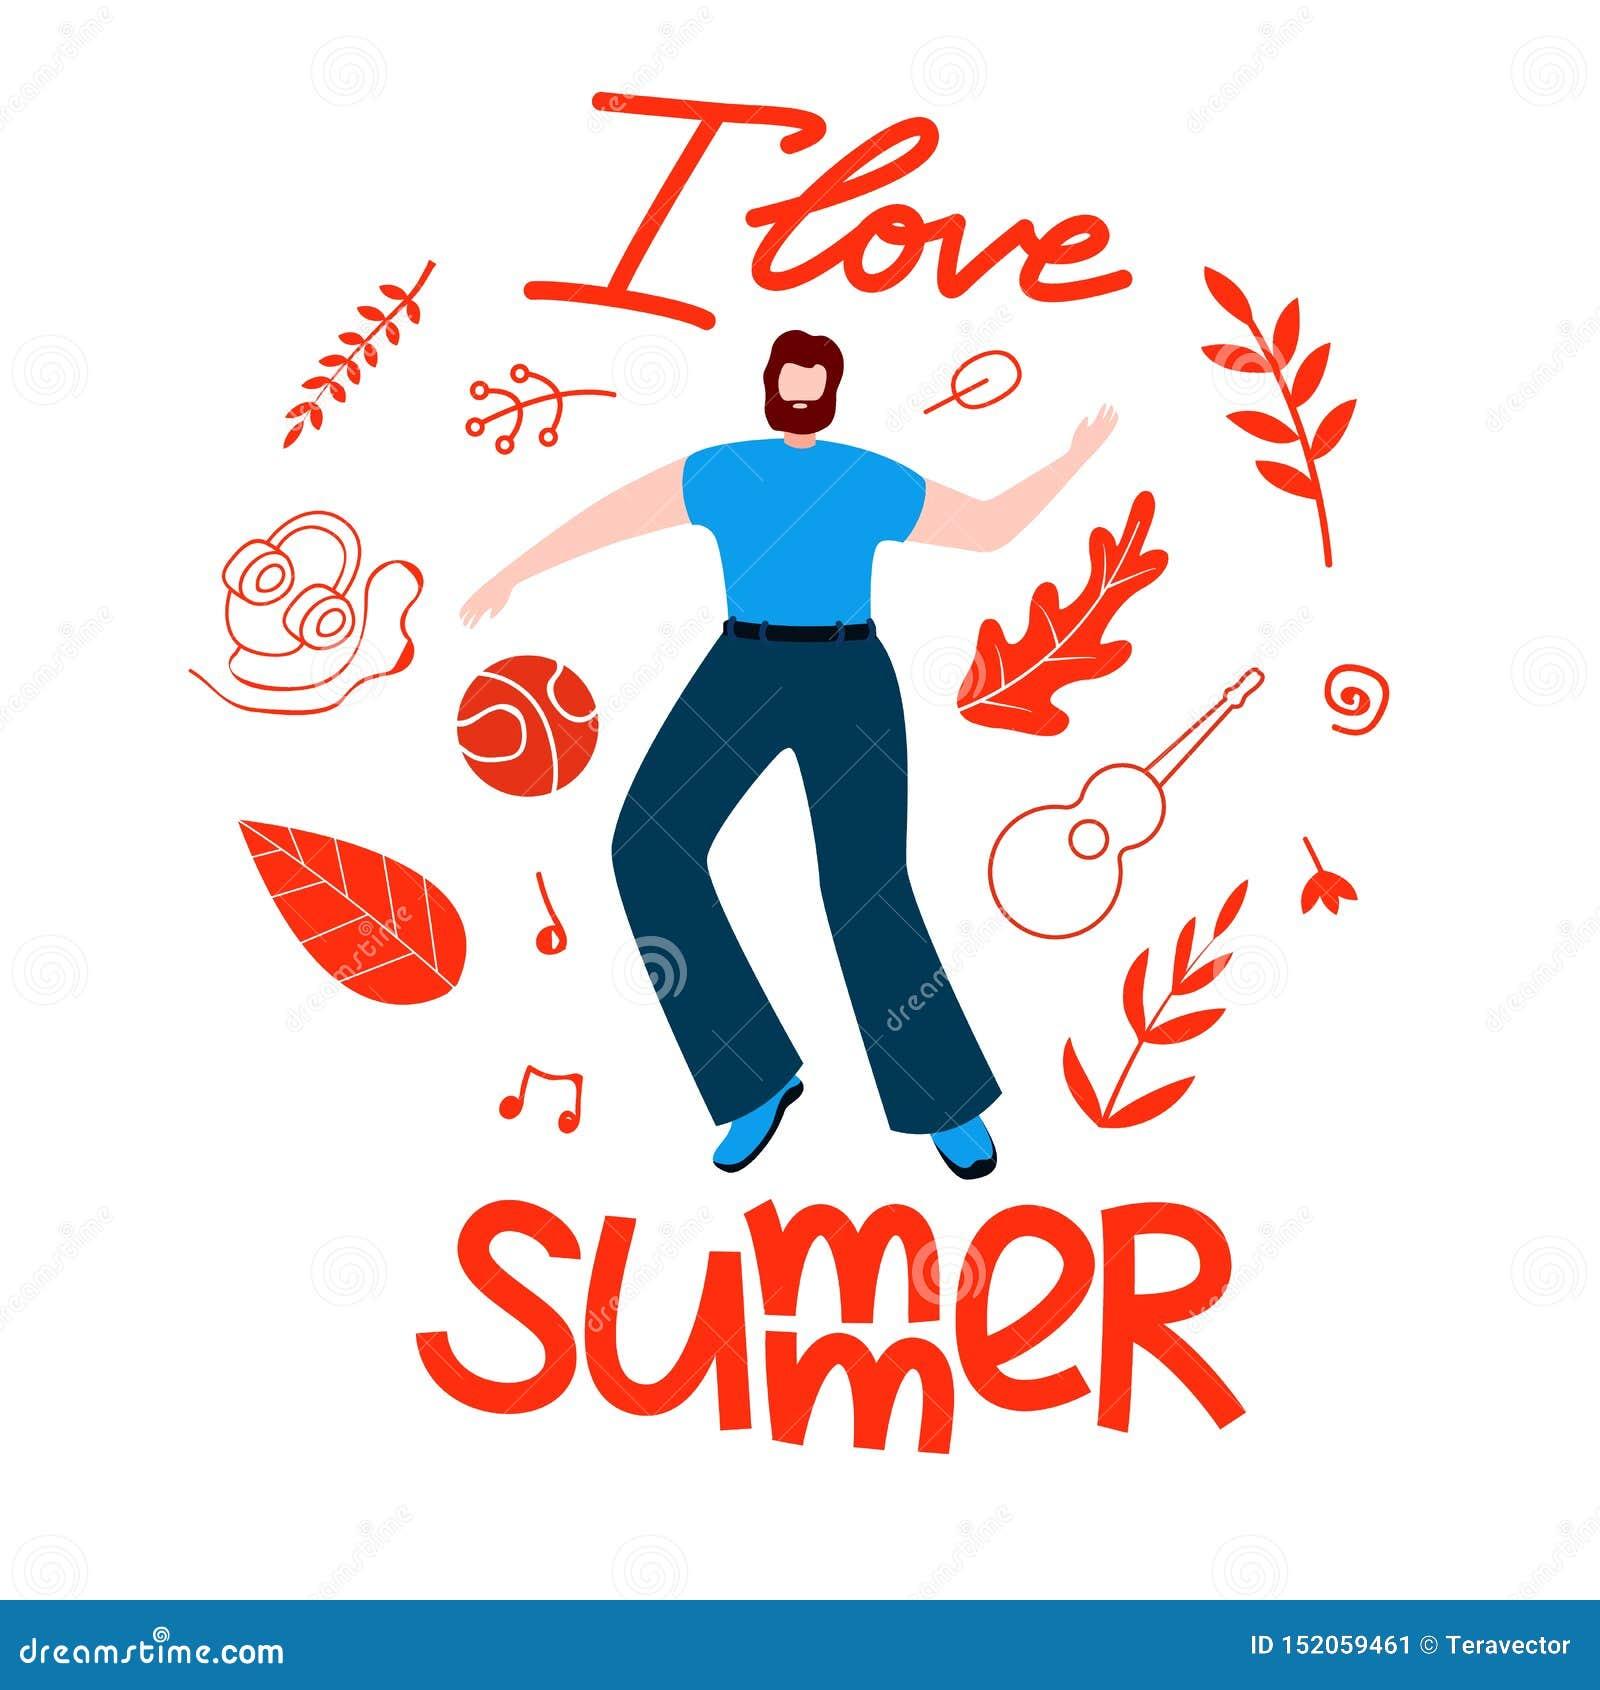 El plan masculino para el verano, amo el plano de la historieta del verano